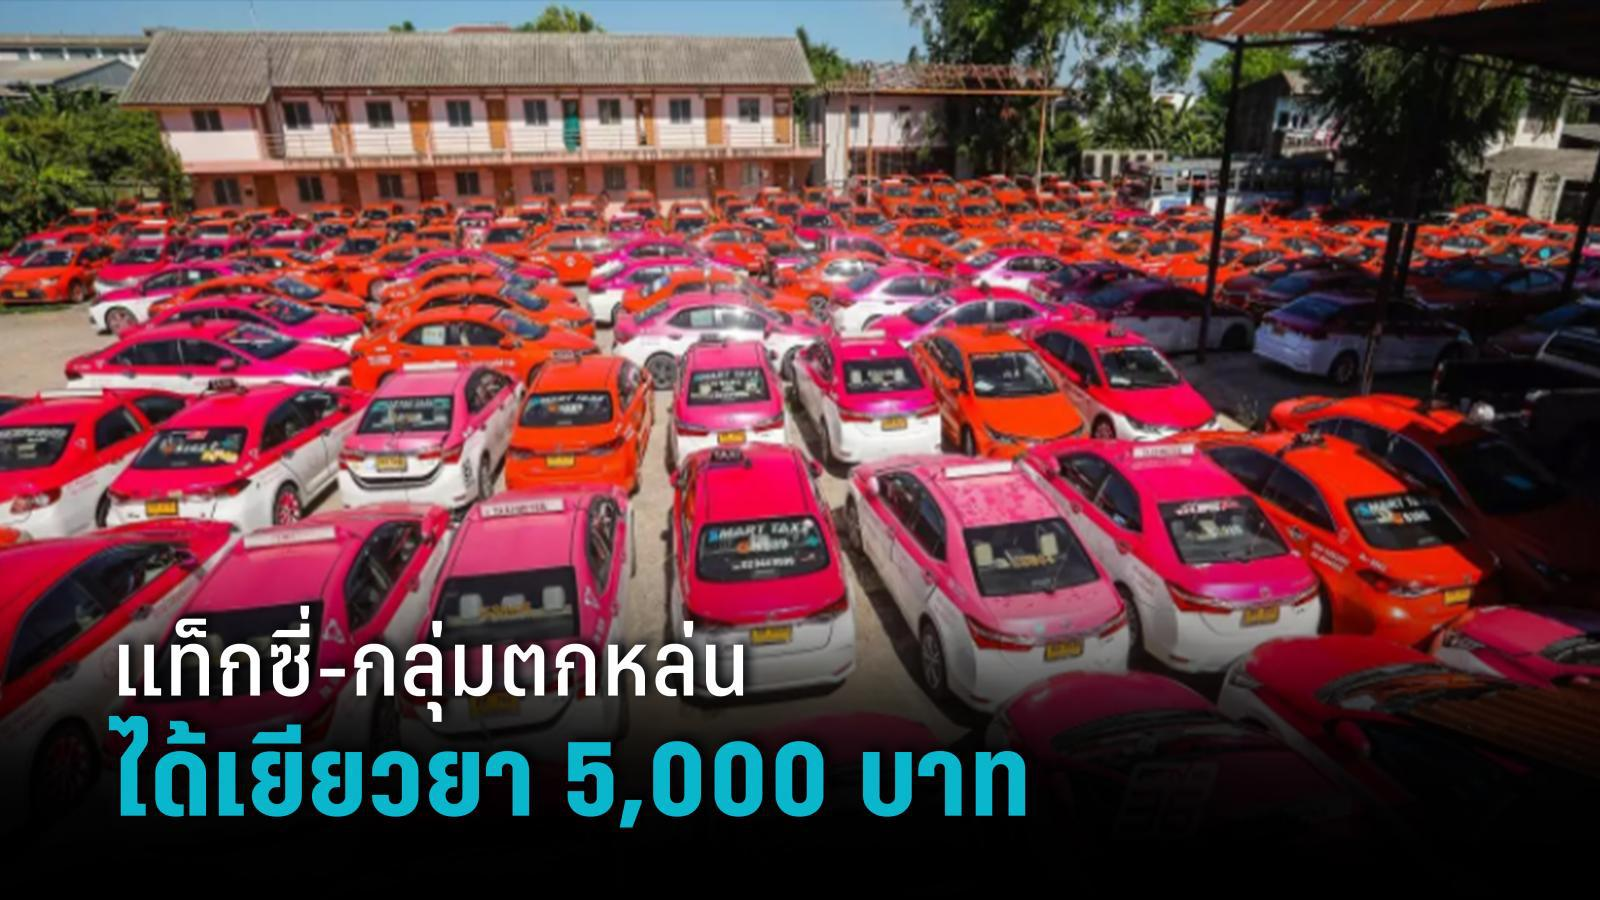 แท็กซี่-กลุ่มตกหล่นเฮ! รมว.เฮ้ง ยืนยันได้รับเงินเยียวยา 5,000 บาทจากรัฐบาล